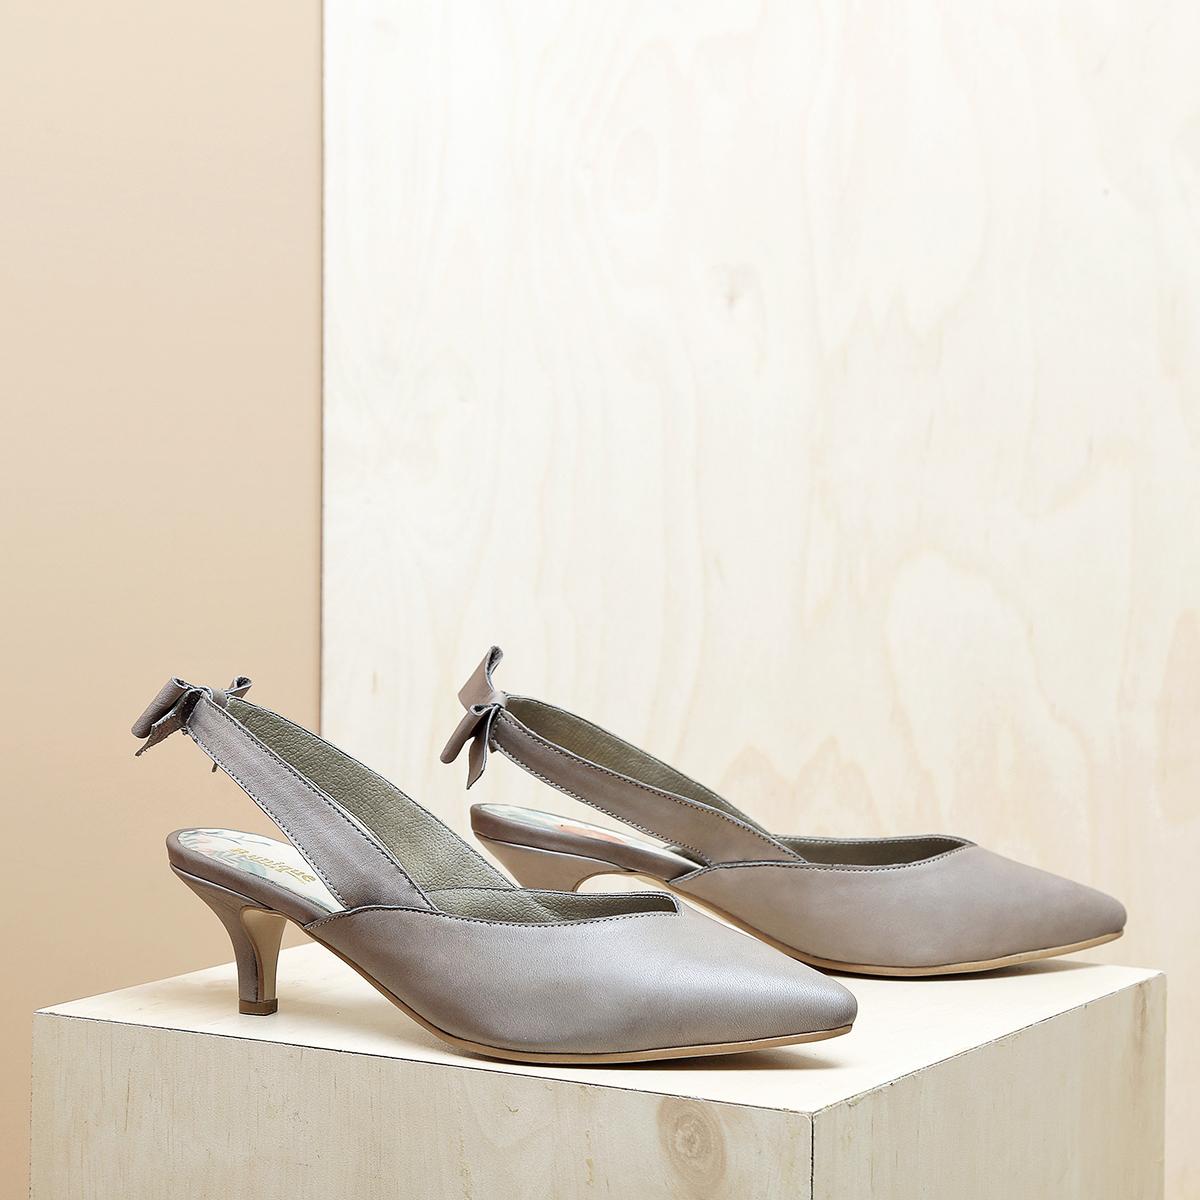 דגם פאפוס: נעלי עקב פיקולו וקשירת פפיון בצבע טאופ